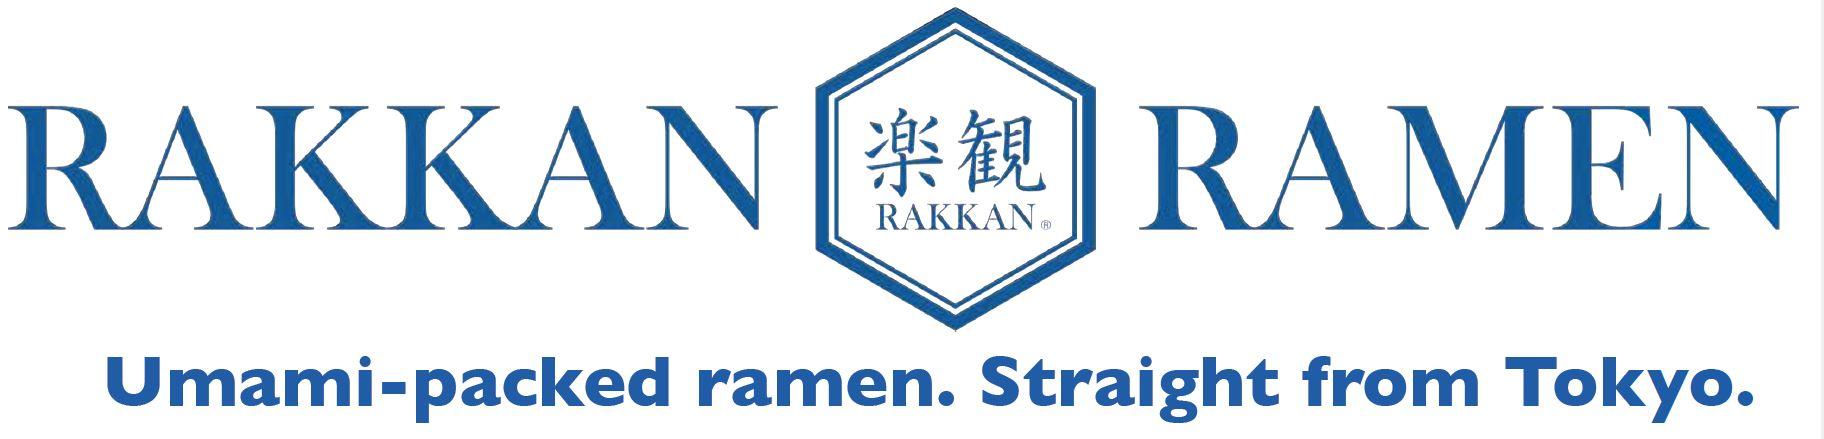 Rakkan Ramen Logo